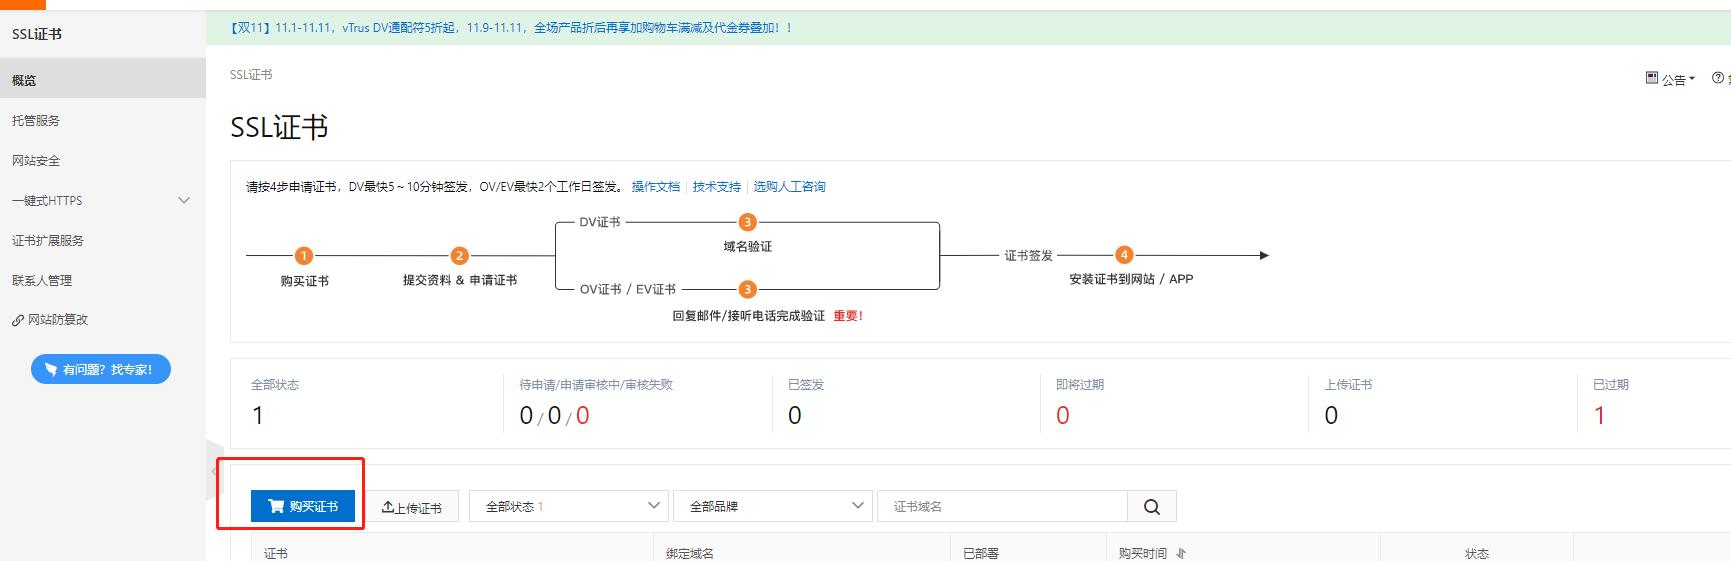 阿里云域名申请免费https+服务器nginx配置证书